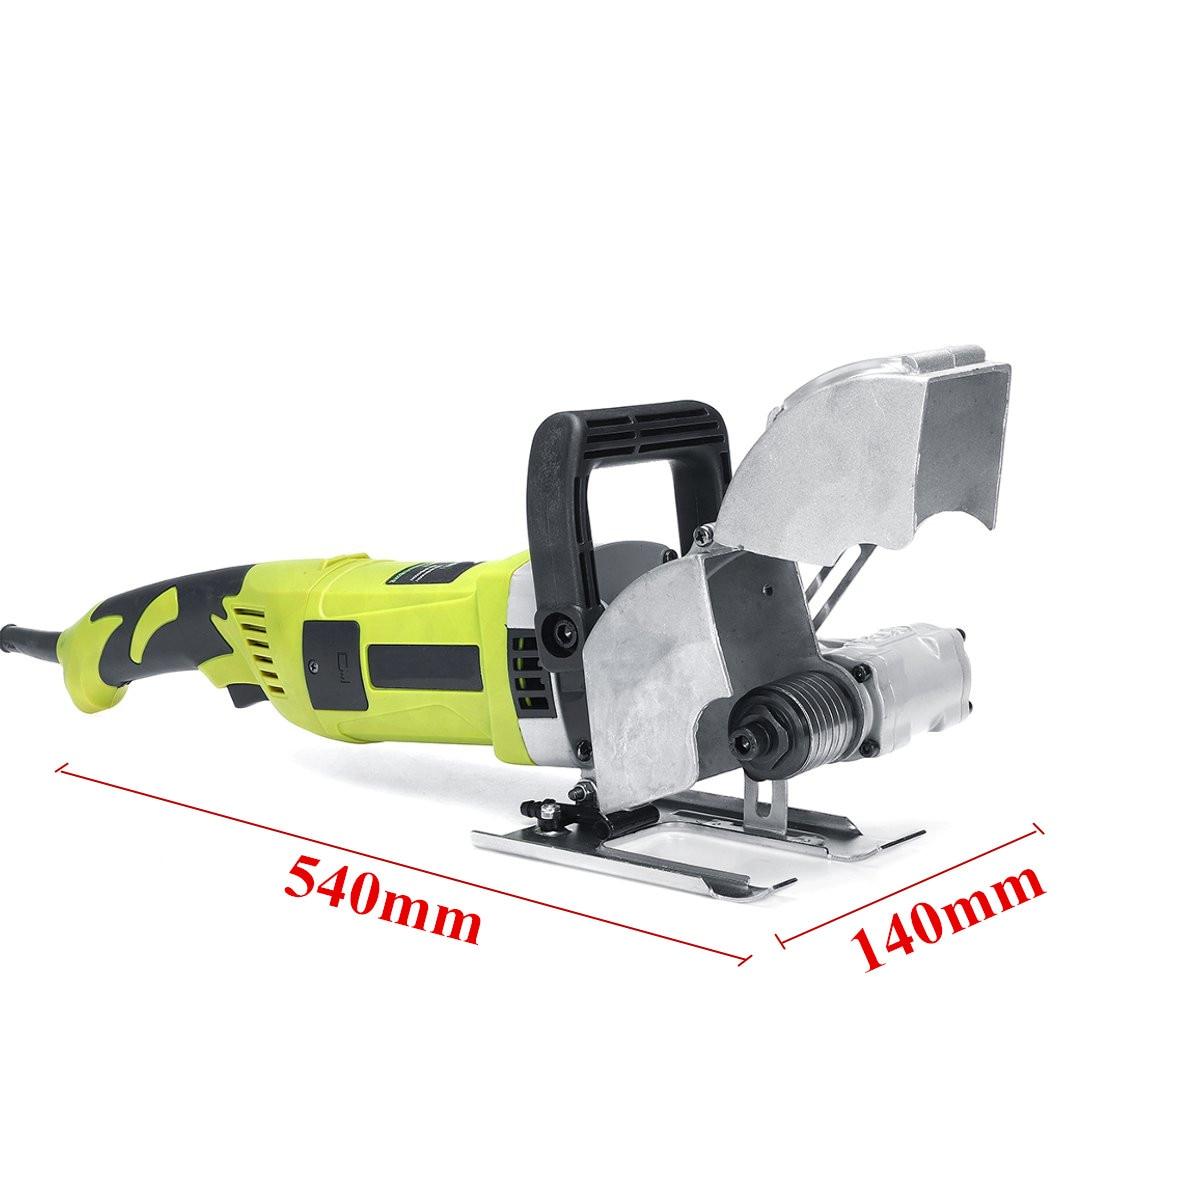 Elektrische Ziegel Wand Nut Schneiden Maschine 220V 4000W Stahl Beton Cutter Stoßen Maschine DIY Hause Dekoration Einstechen Werkzeuge